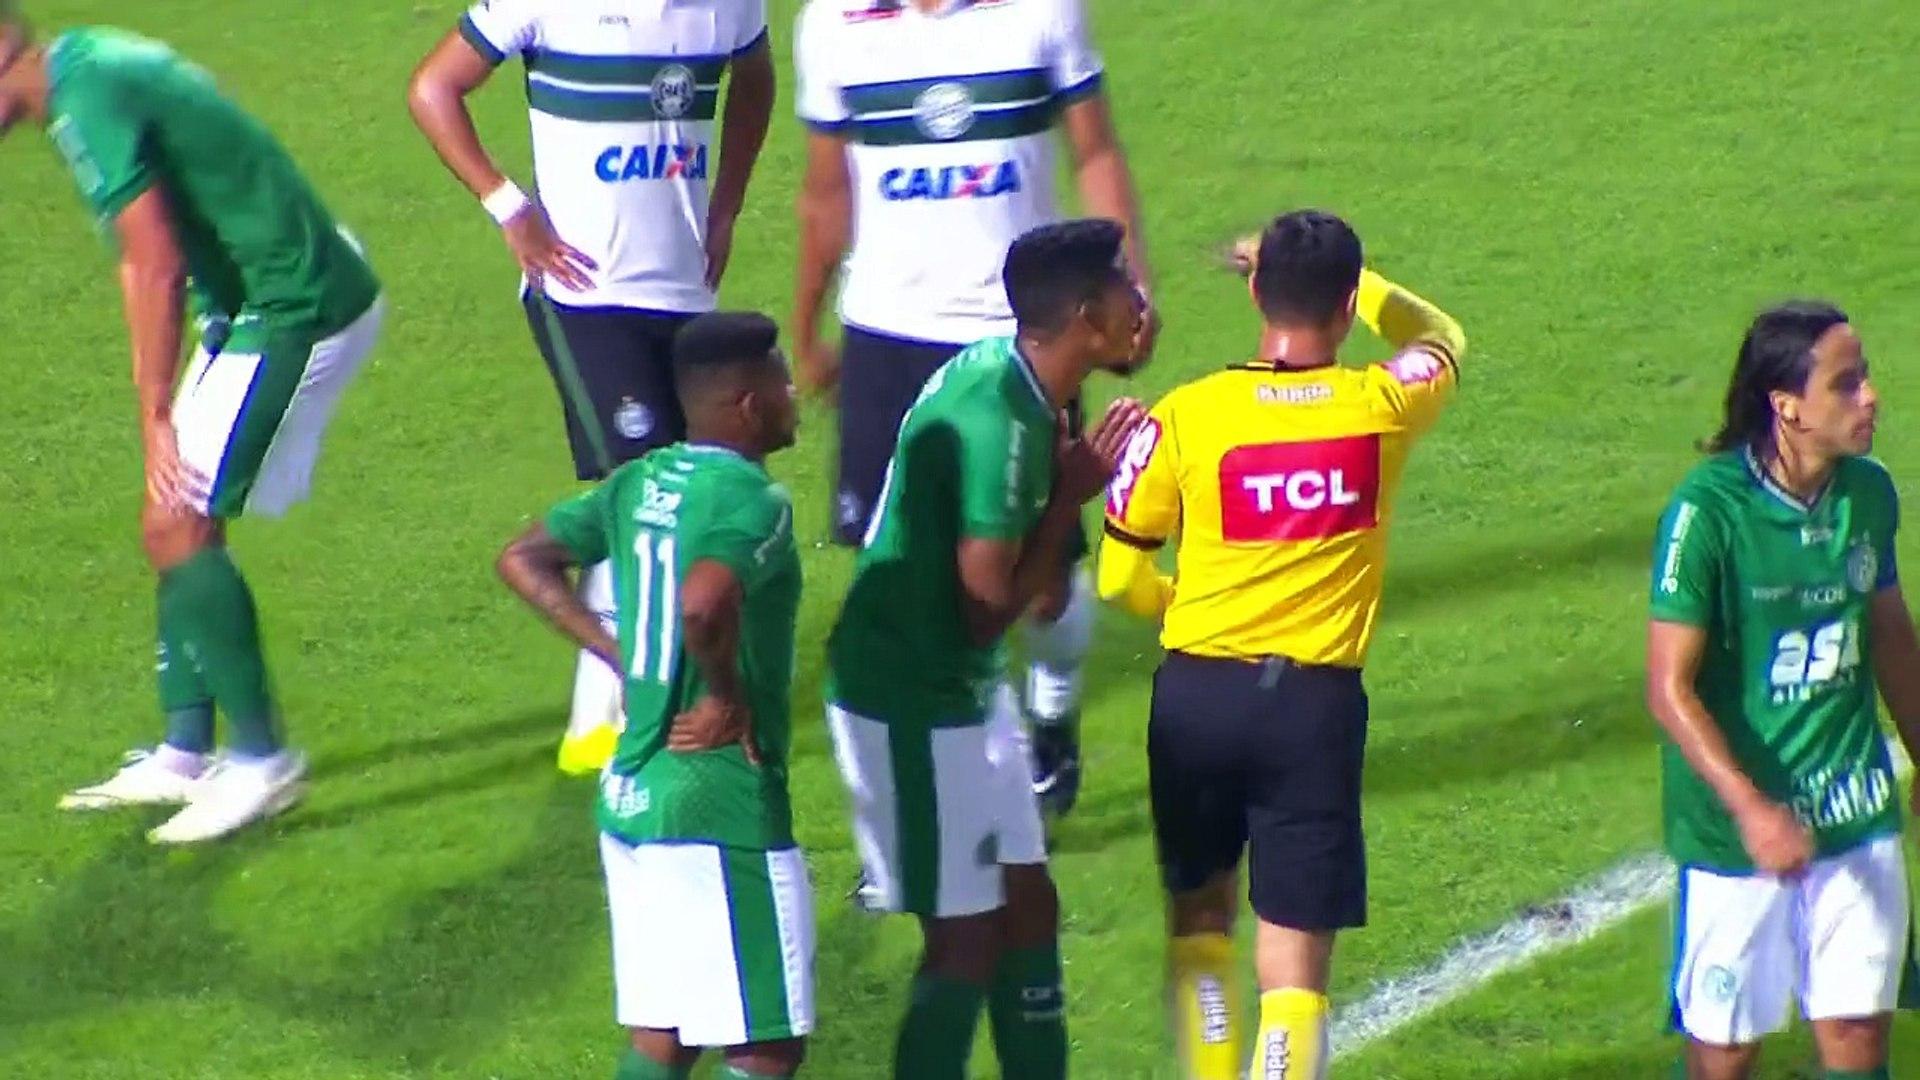 [MEL****S MOMENTOS] Coritiba 0 x 2 Guarani - Série B 2018